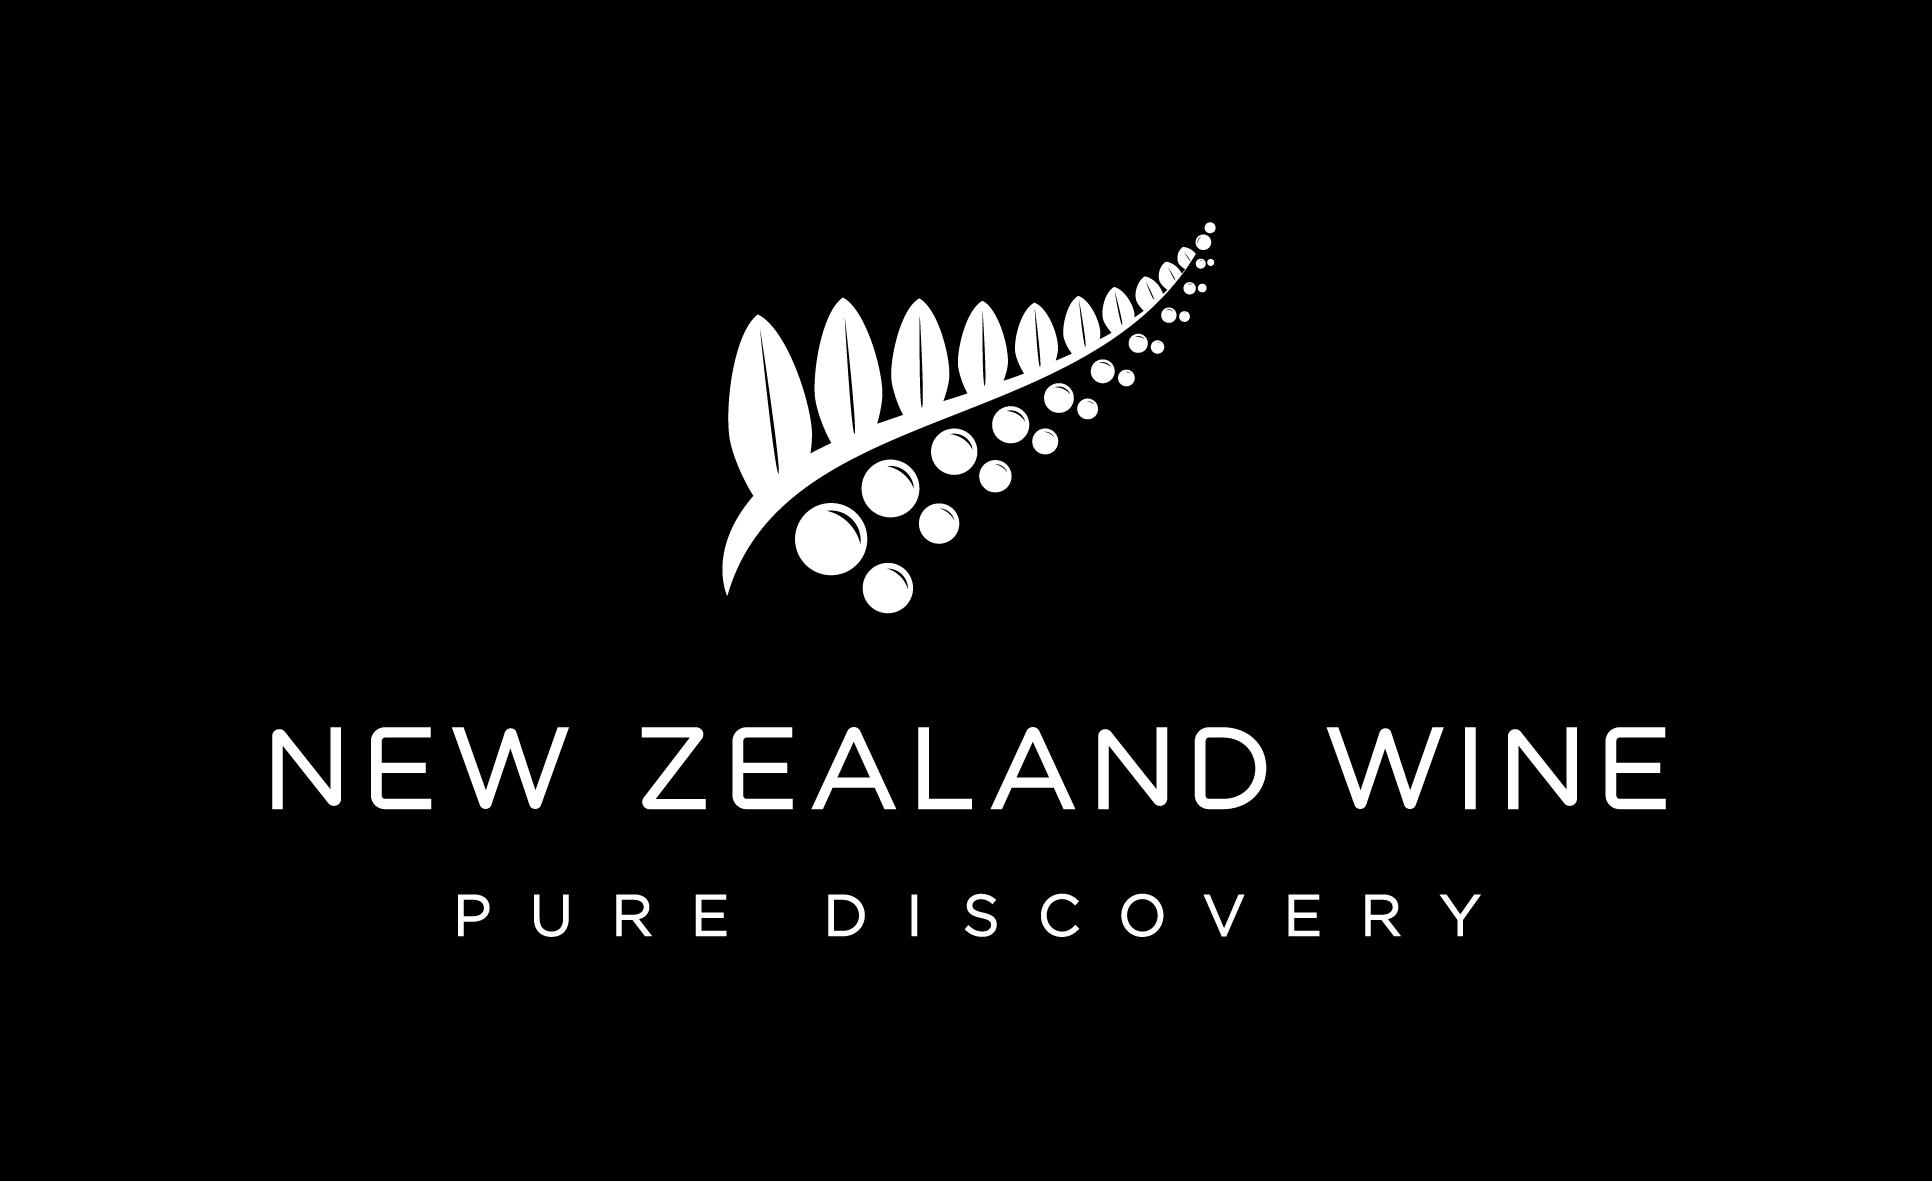 NZwine.jpg